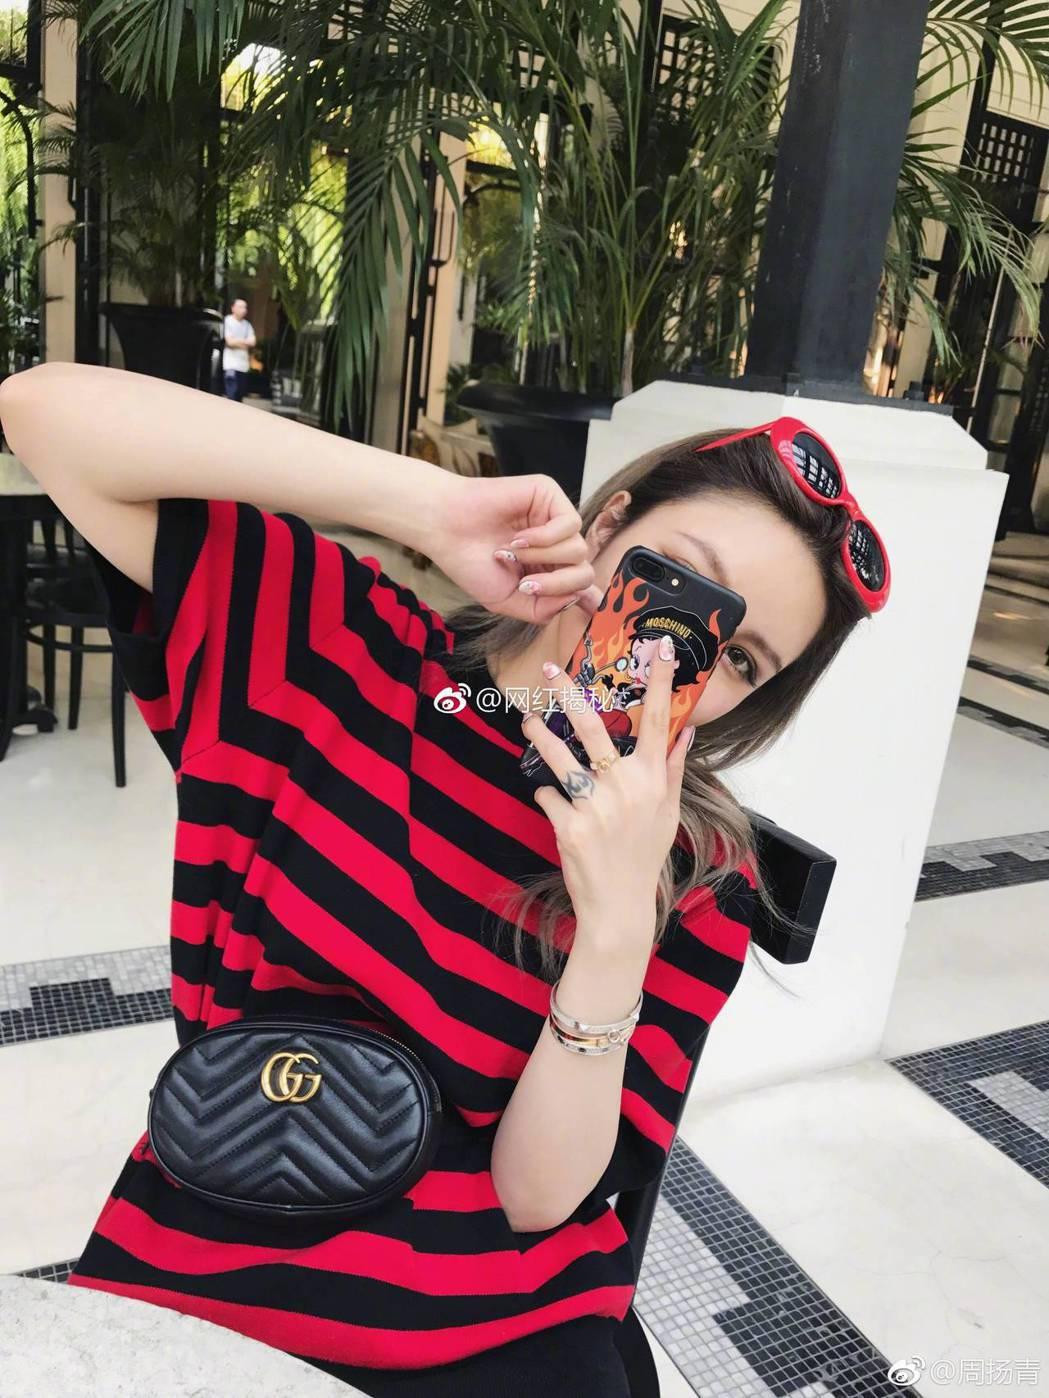 周揚青這款黑色腰包被網友指是假貨。 圖/擷自微博